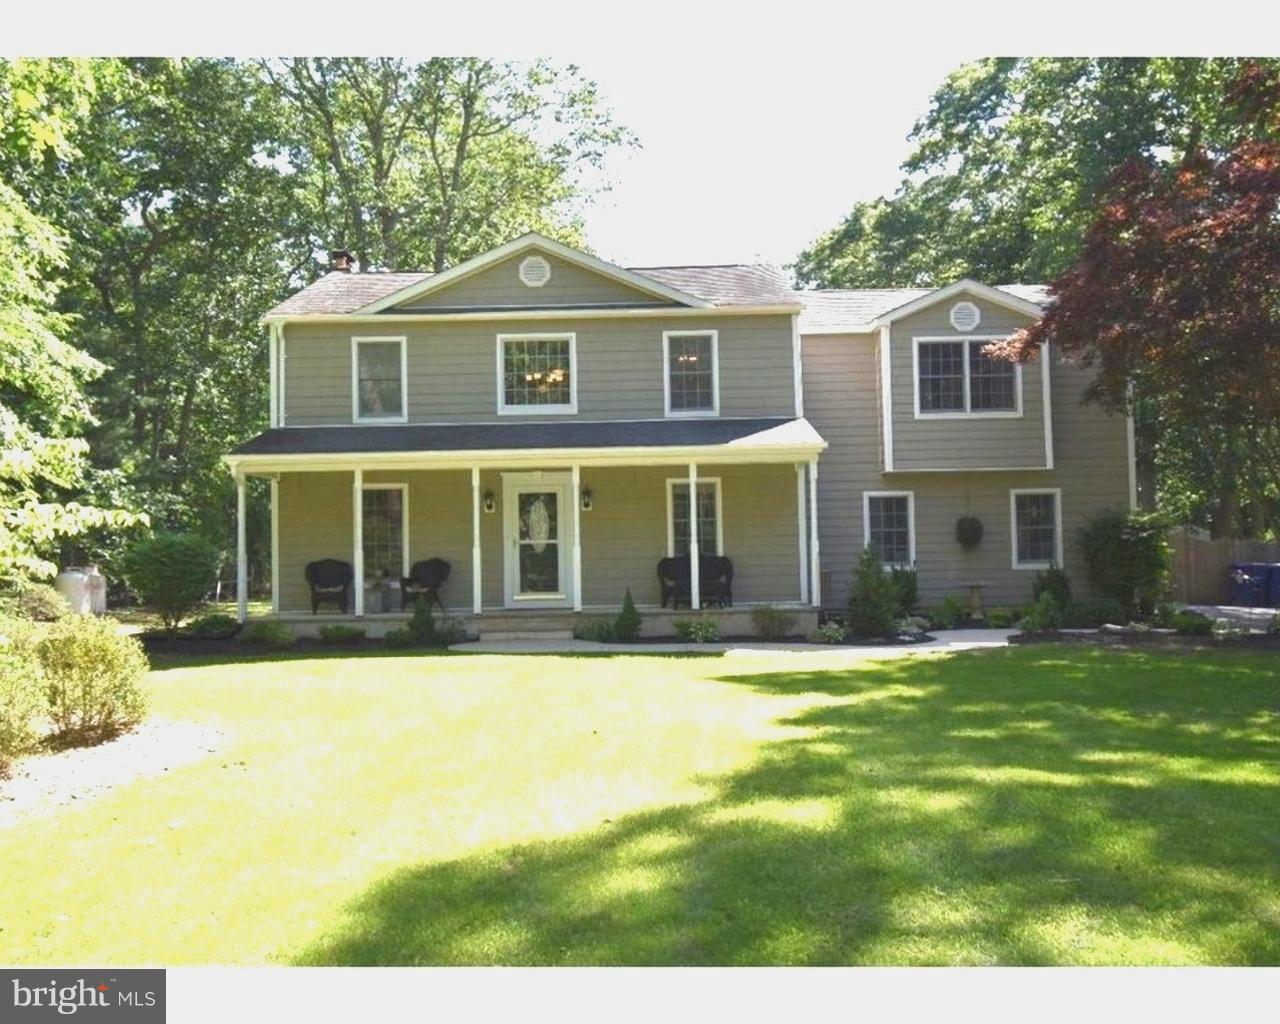 Частный односемейный дом для того Продажа на 11 PLYMOUTH Court Tabernacle Twp, Нью-Джерси 08088 Соединенные Штаты